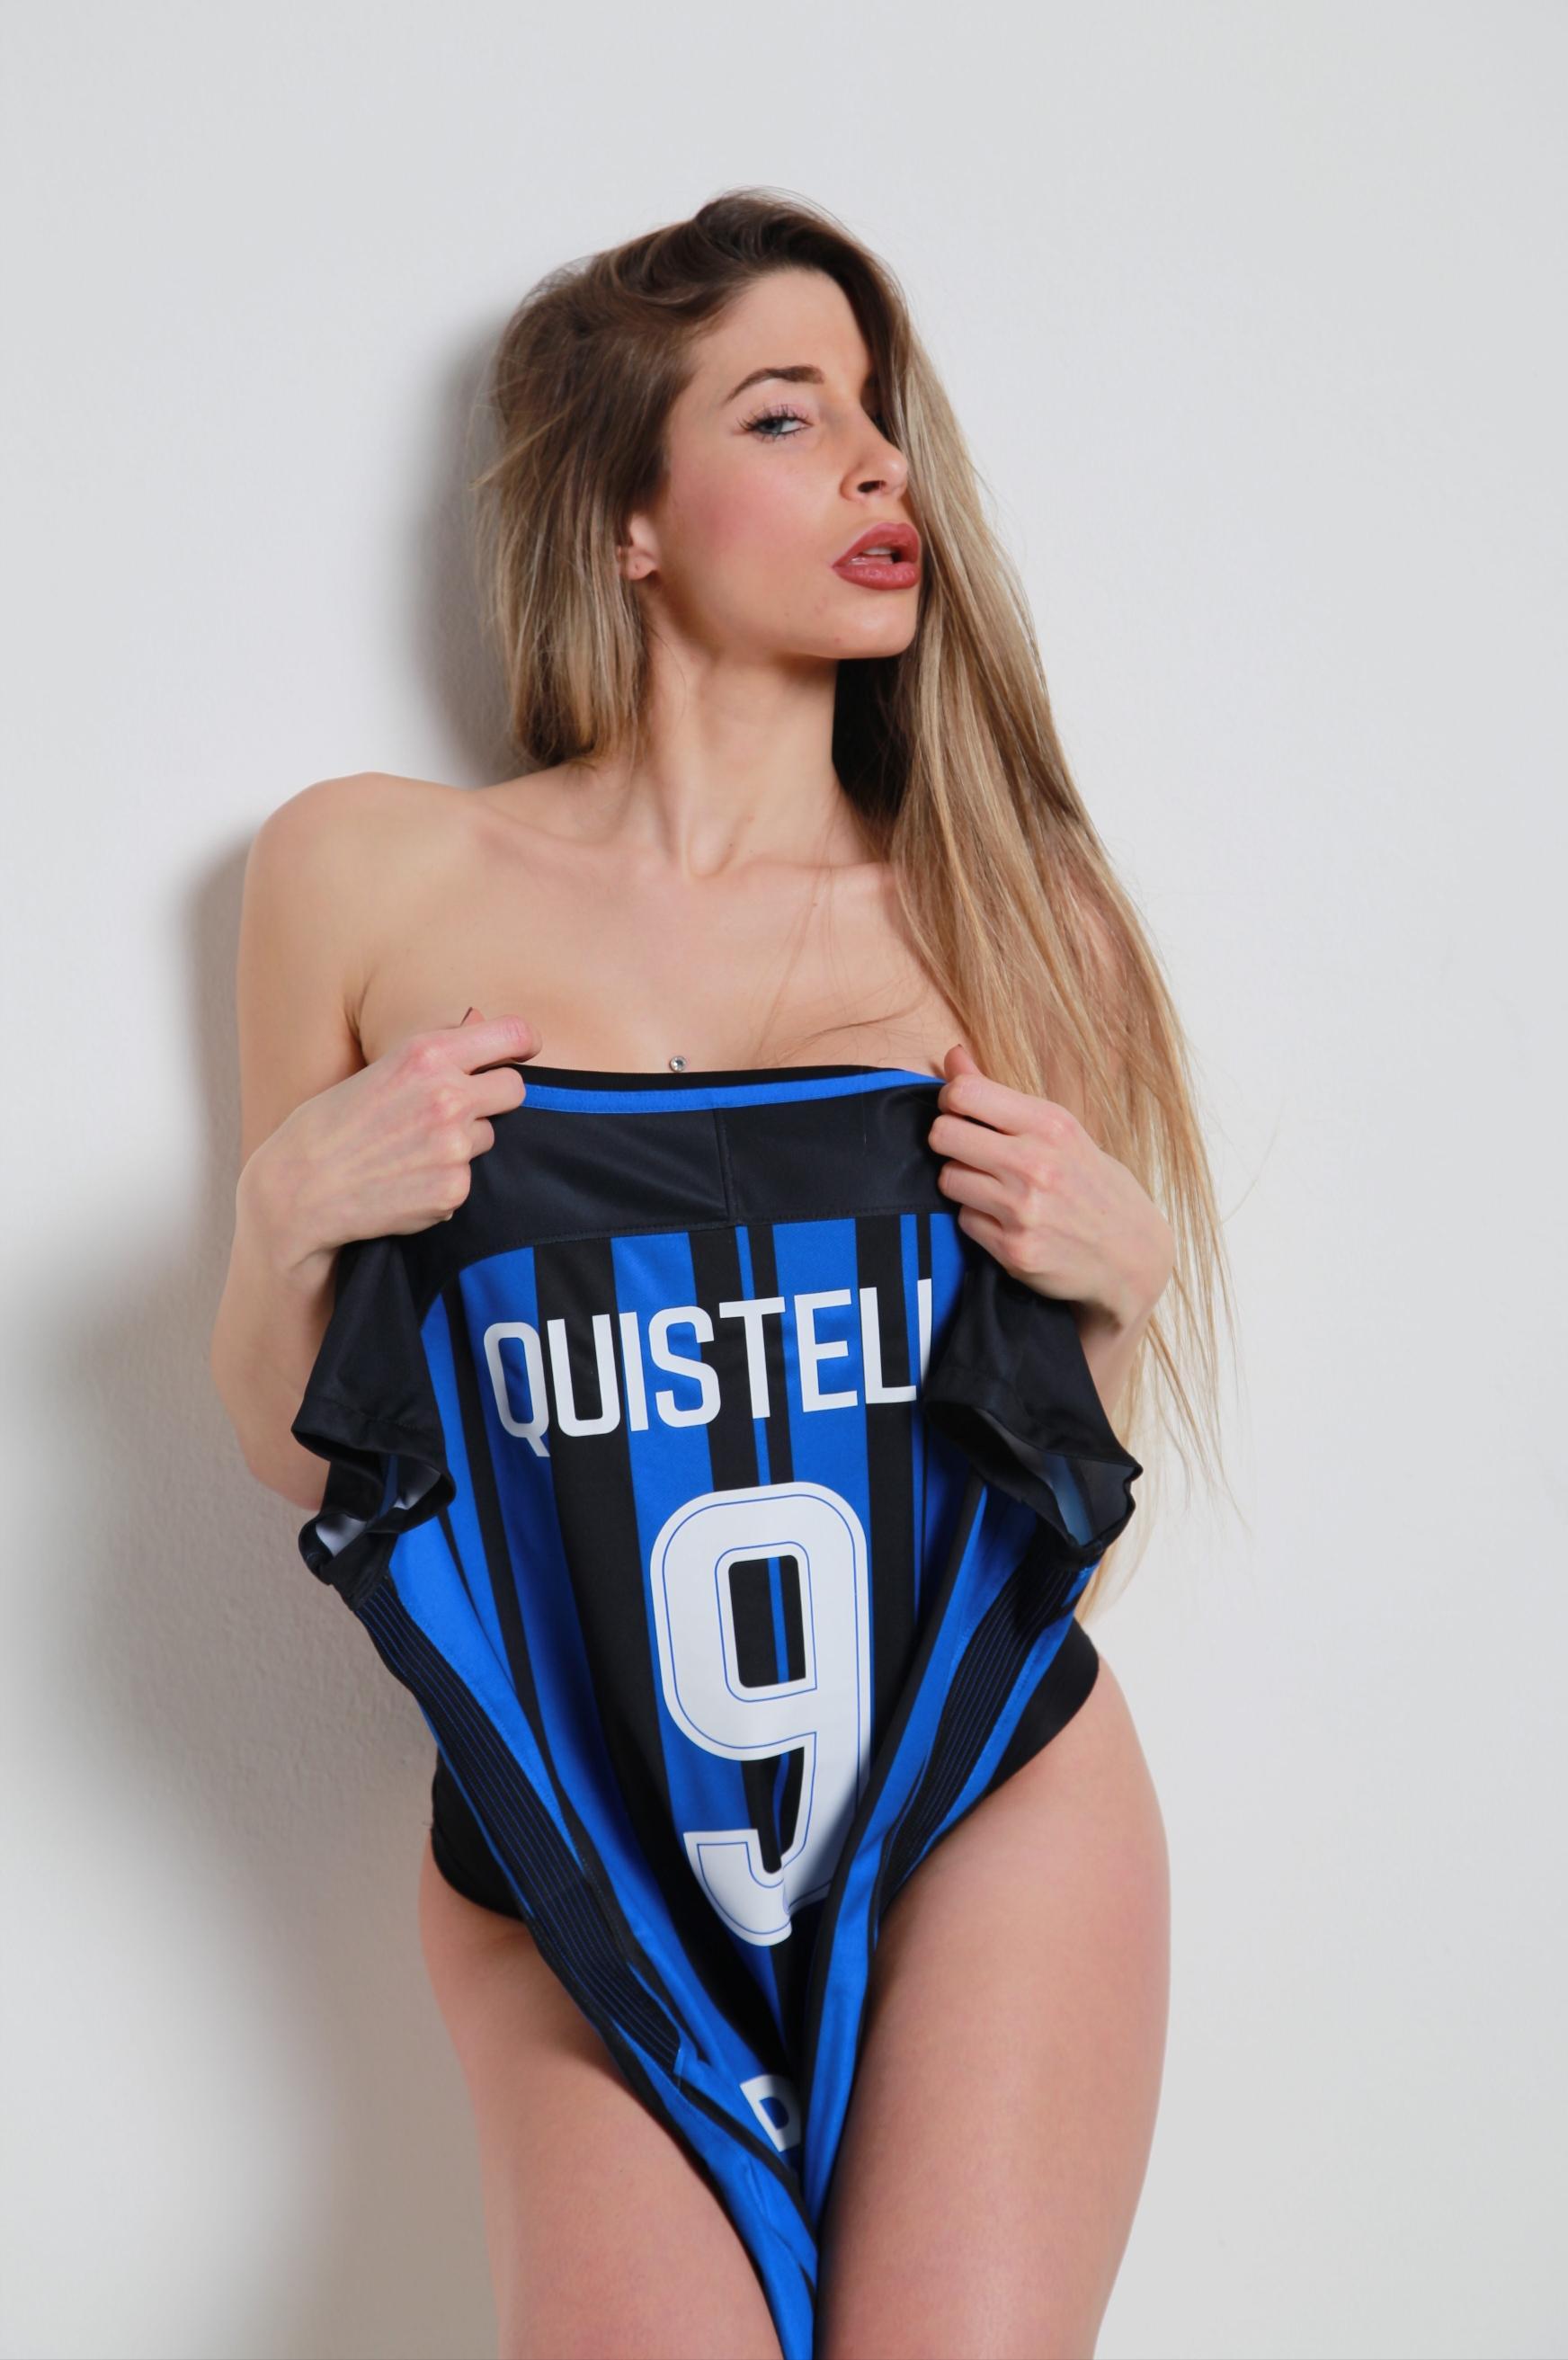 Manuela Quistelli posa con la maglia dell'Inter numero 9.La modella milanese è una grande tifosa nerazzurra e sui social fa impazzire i suoi follower con foto molto provocanti. Ora Icardi e compagni avranno un motivo in più per uscire dalla crisi.